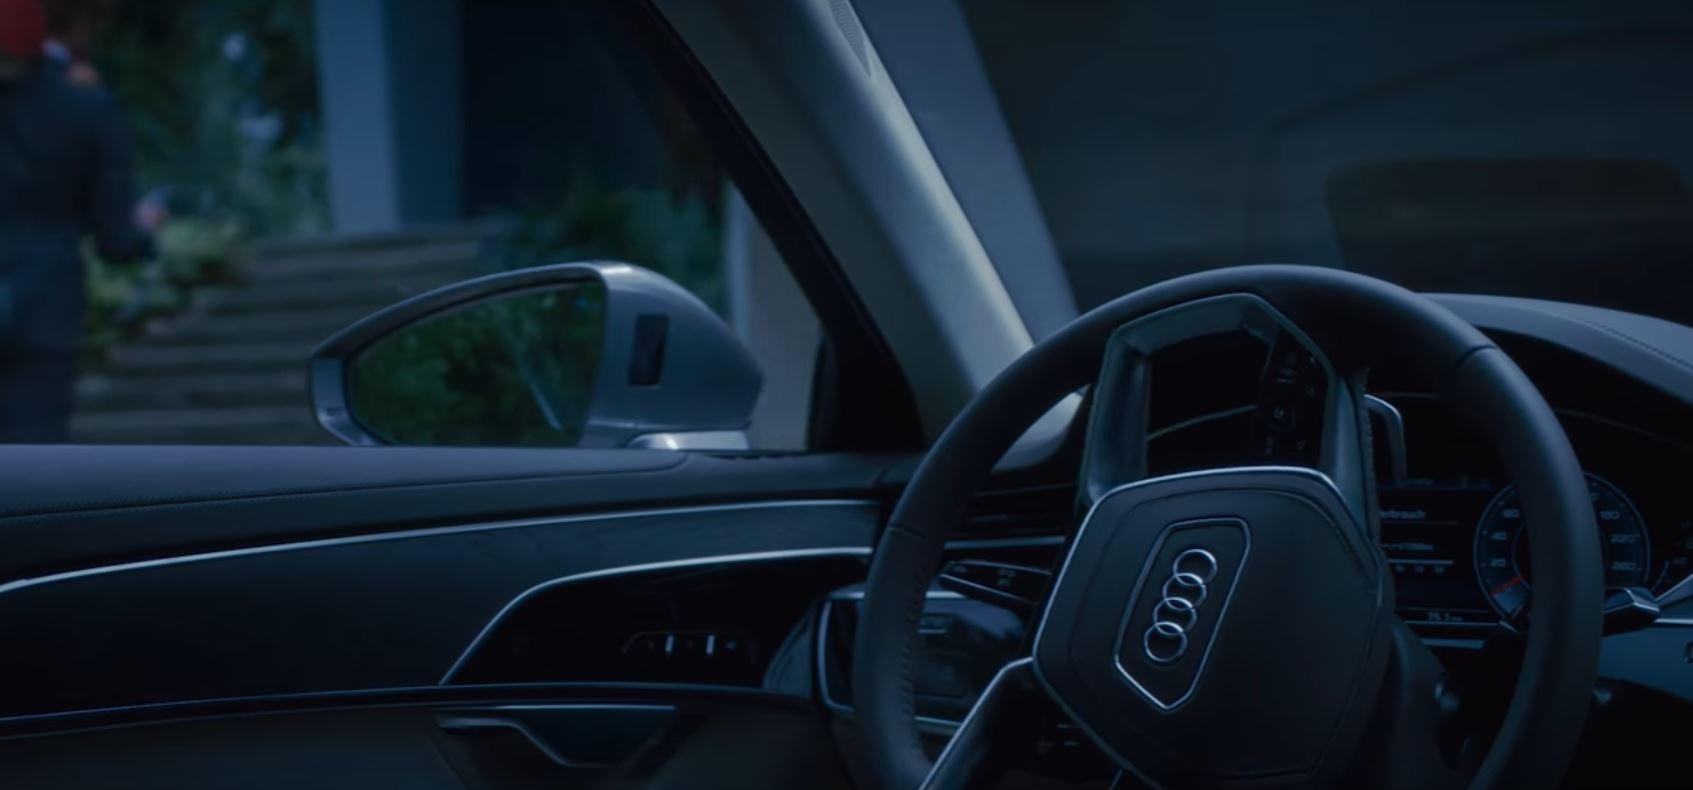 Audi A PromoTeaser Shows The Car Parking Itself Autoevolution - Audi car that parks itself